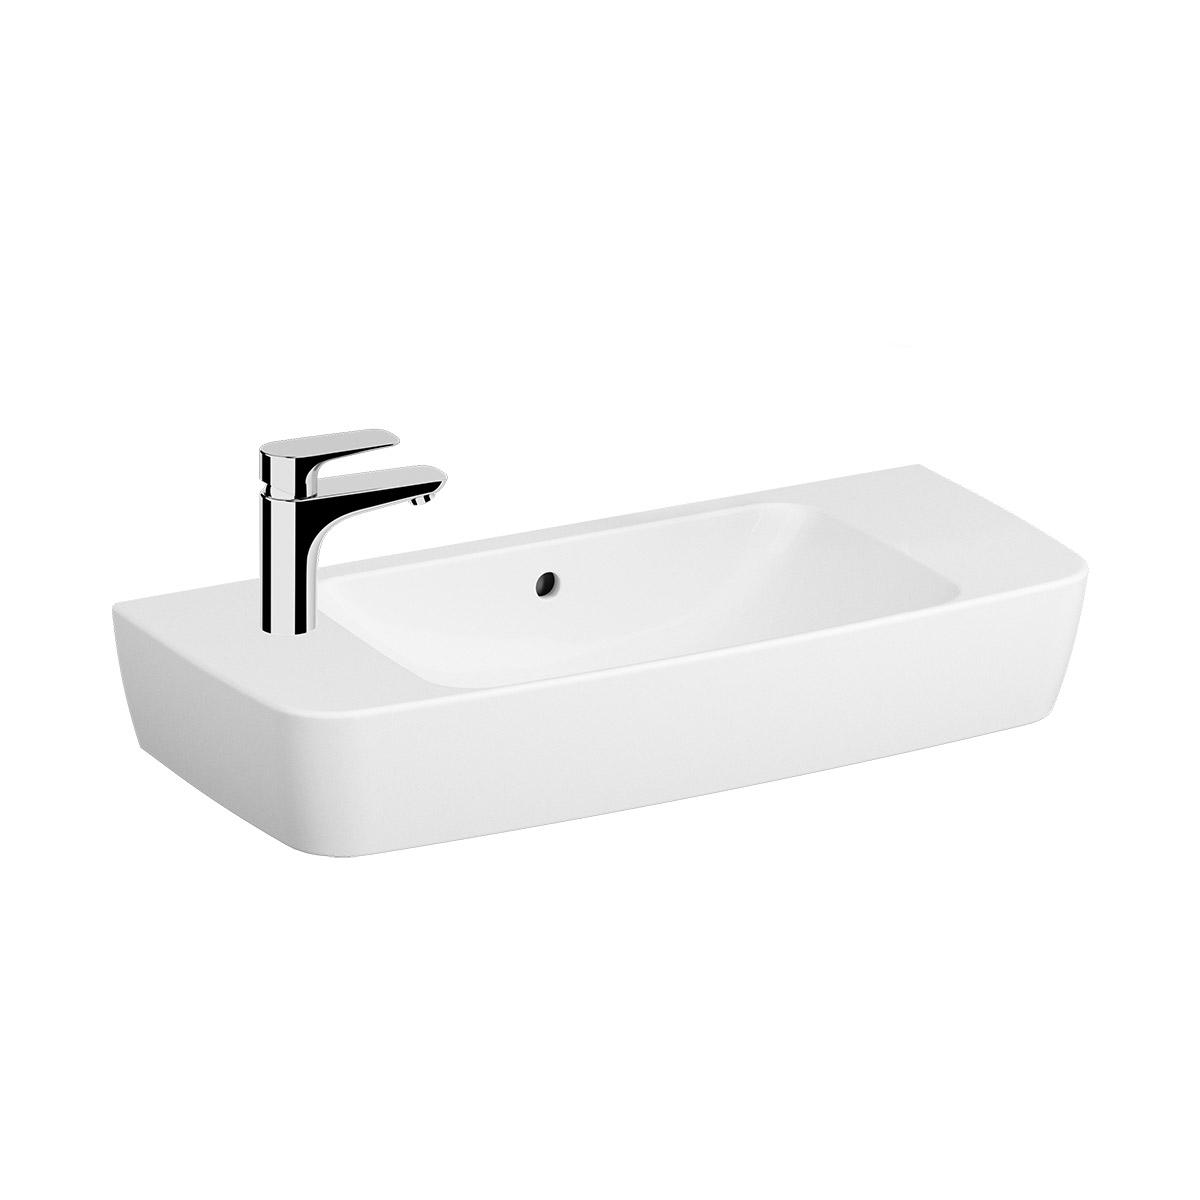 Shift Waschtisch Compact, 80 cm, Weiß